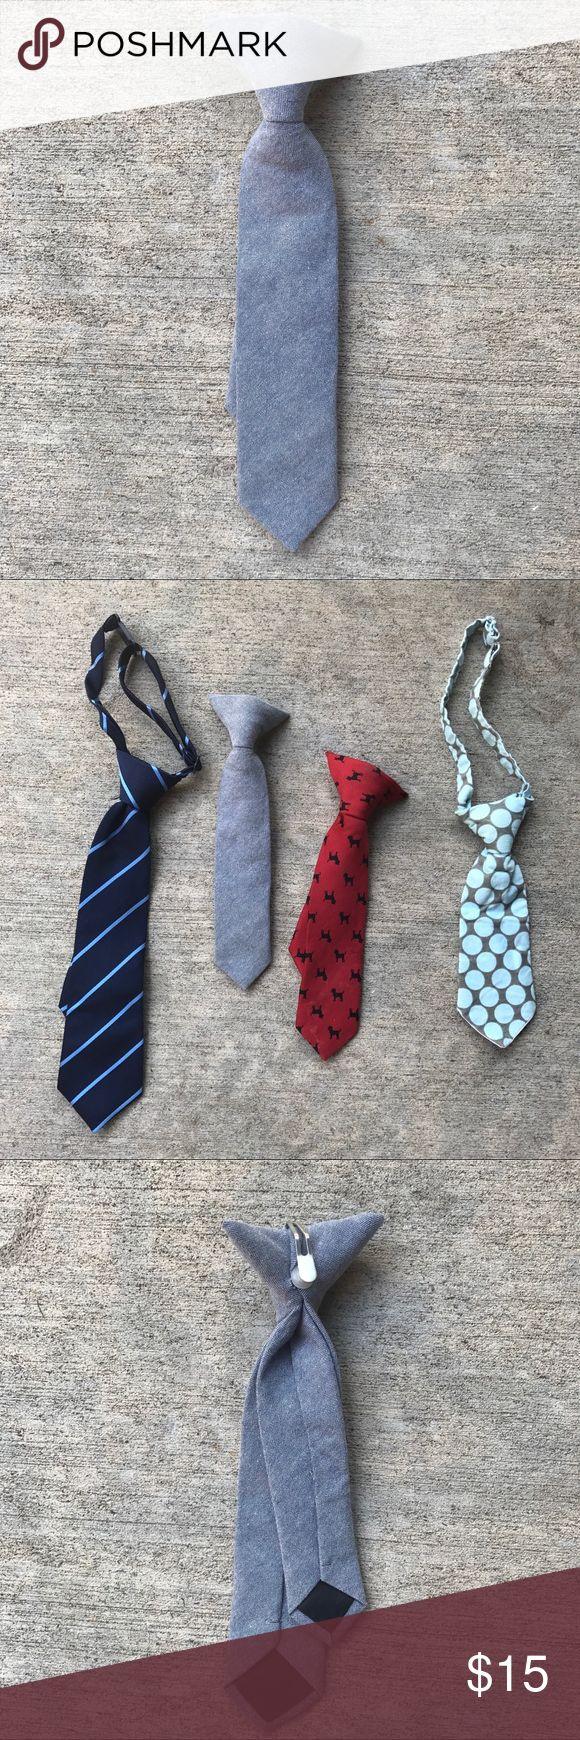 Clip on Tie - Grey Clip on Tie - grey -8-9 inches. Crewcuts Accessories Ties